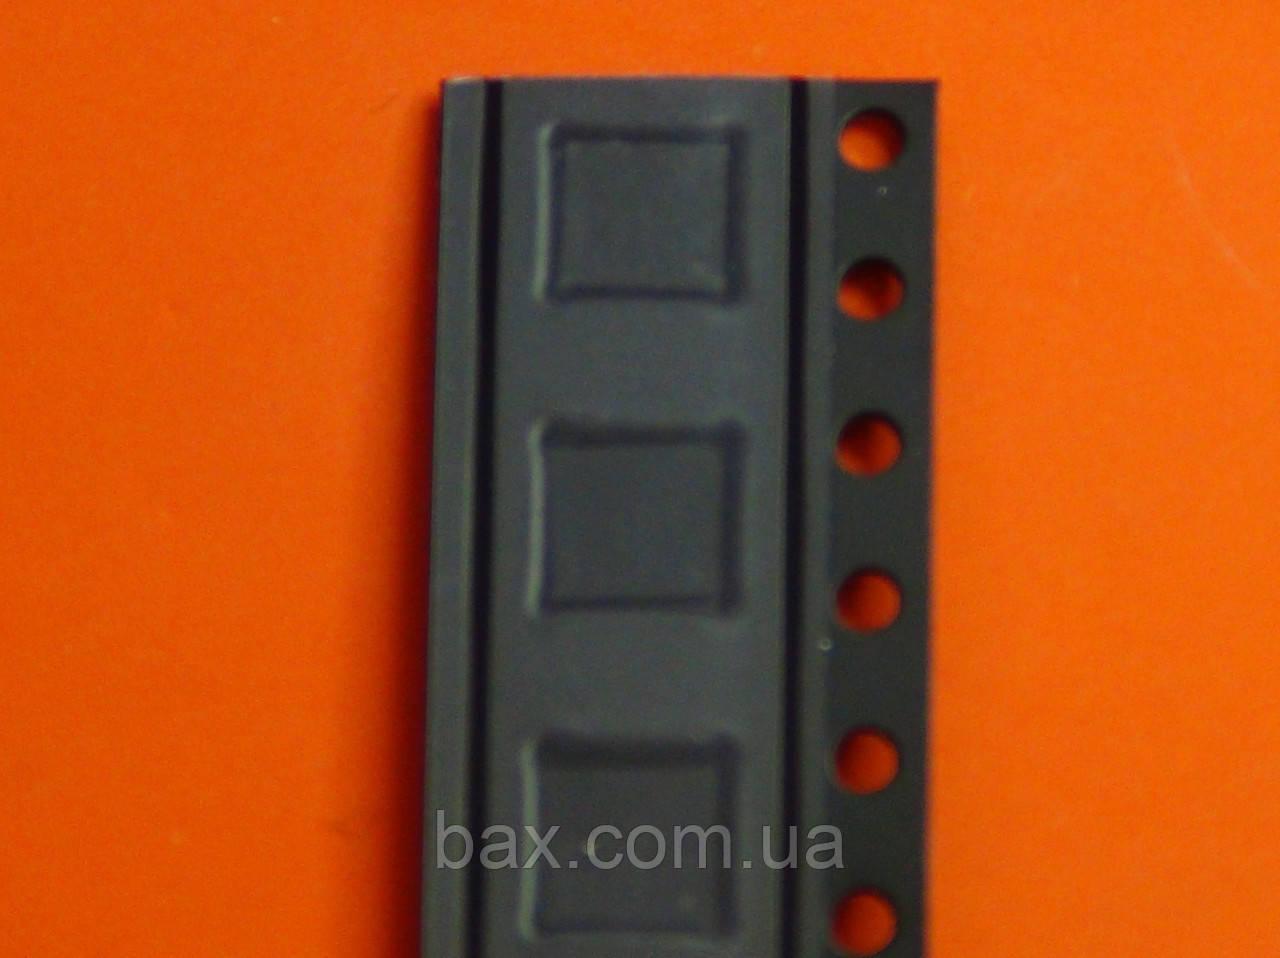 Микросхема контроллер питания AW8736 Новый в упаковке